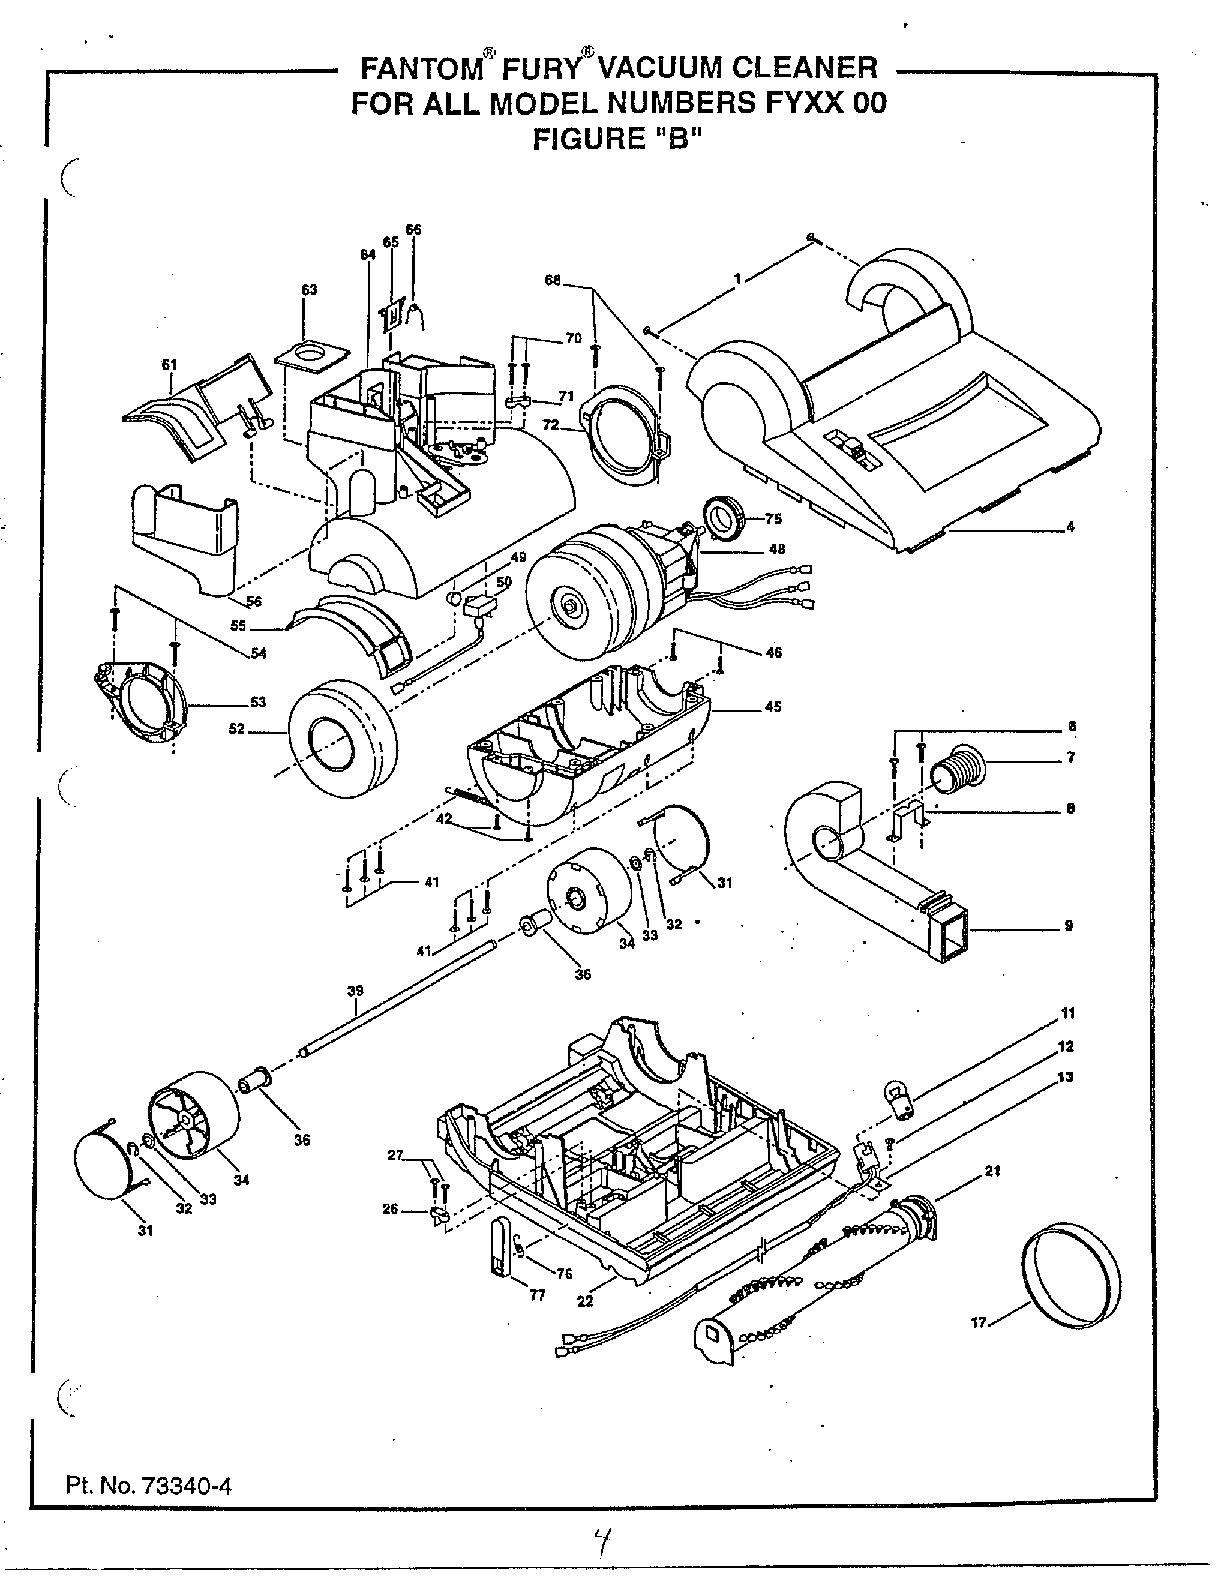 wiring oreck vacuum wiring diagram database Pioneer Radio Wiring Diagram shark vacuum spare parts carnmotors miele vacuum wiring oreck vacuum